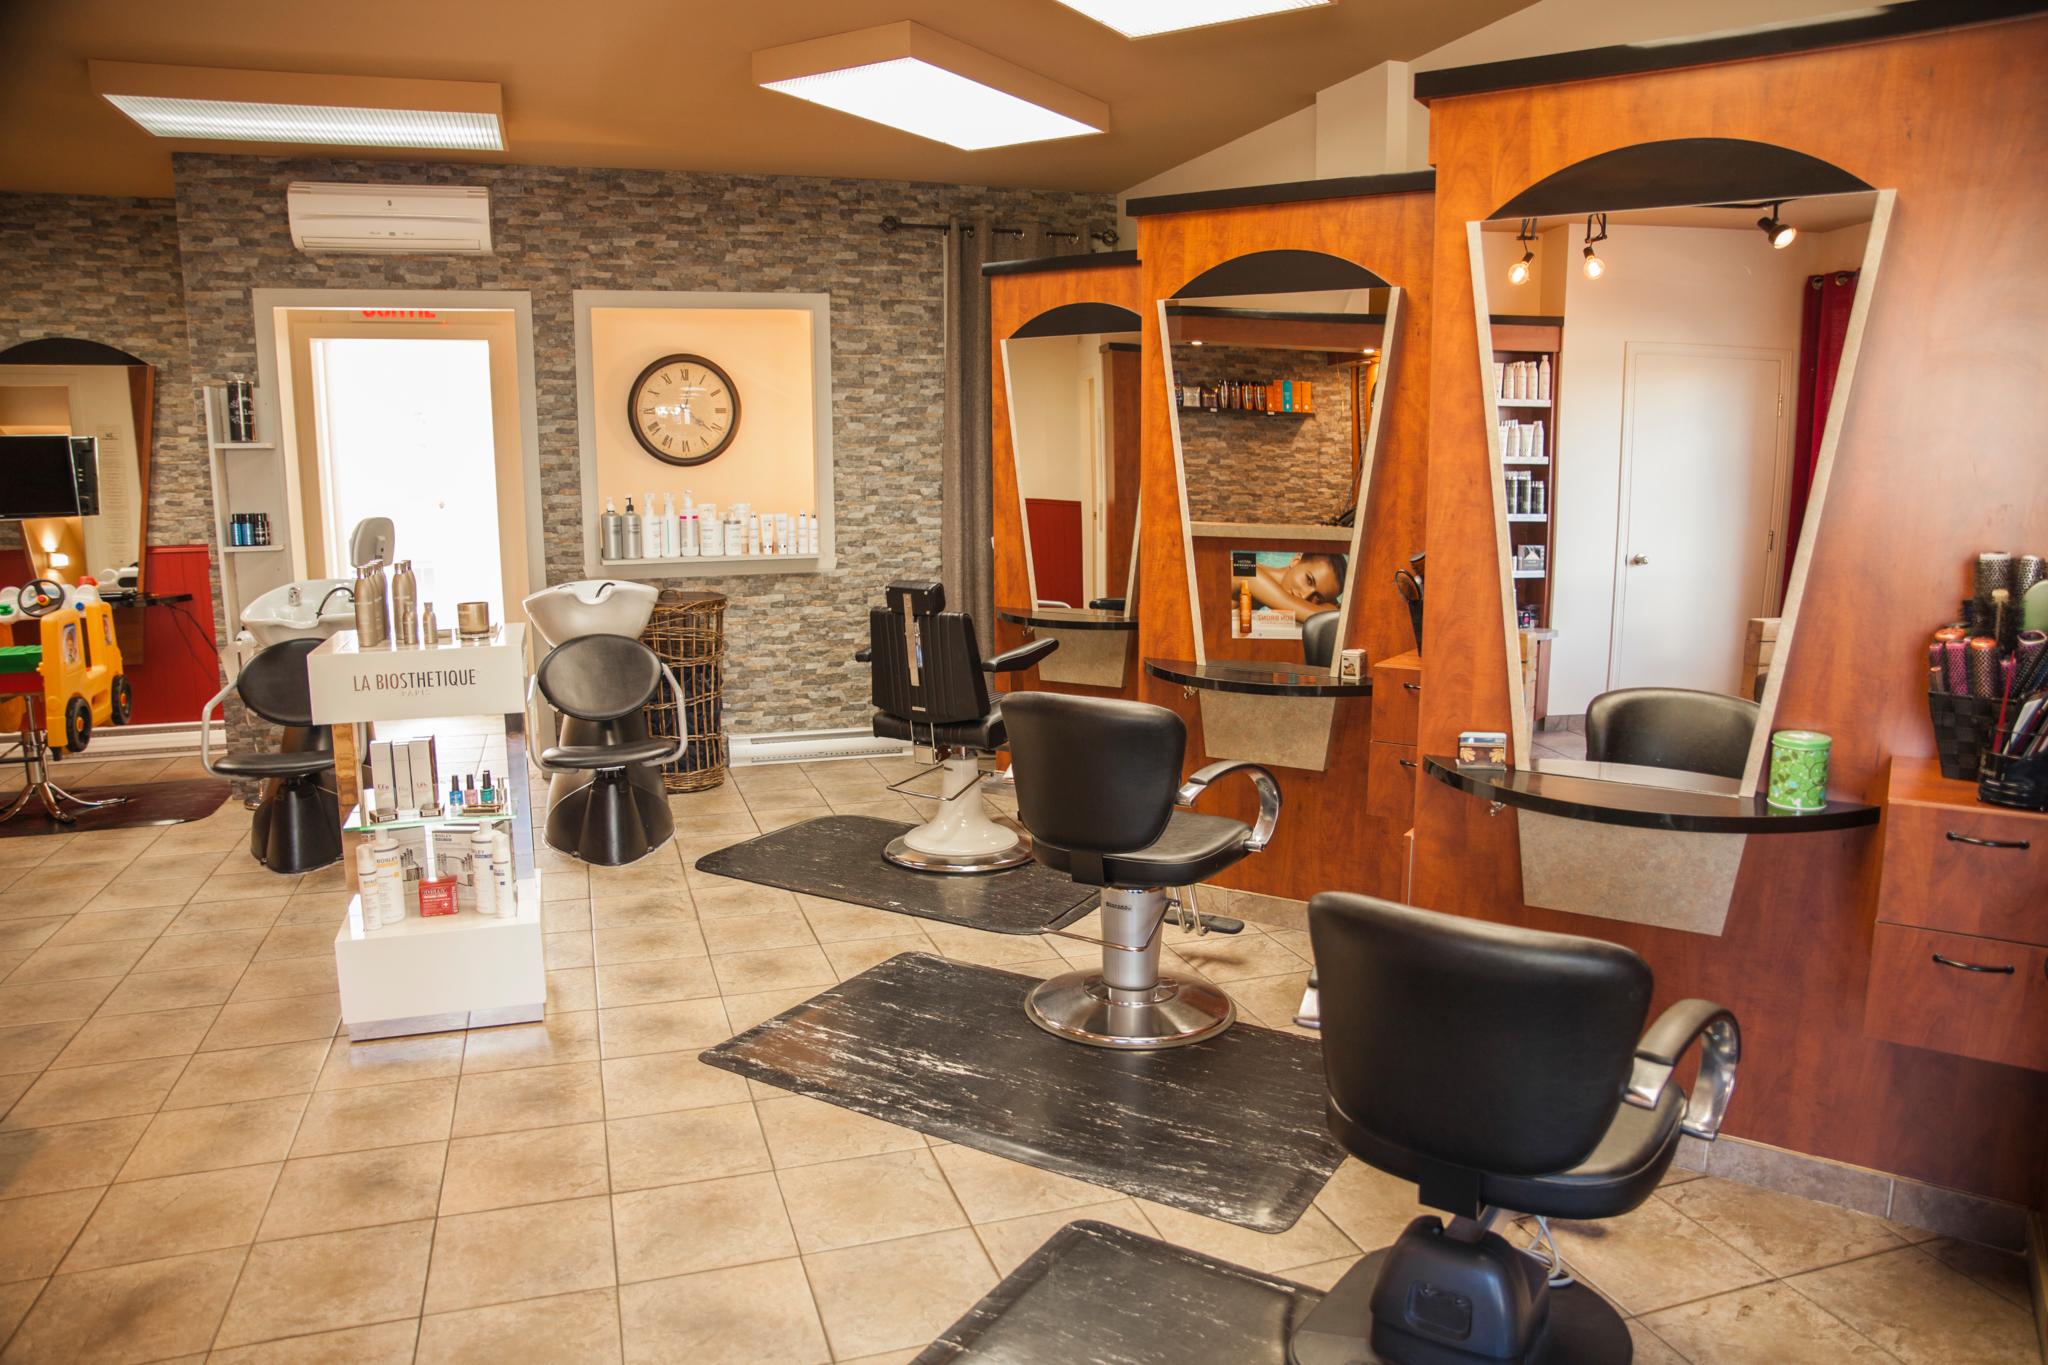 Salon de Beauté Rayon d'Or Inc à Saint-Augustin-de-Desmaures